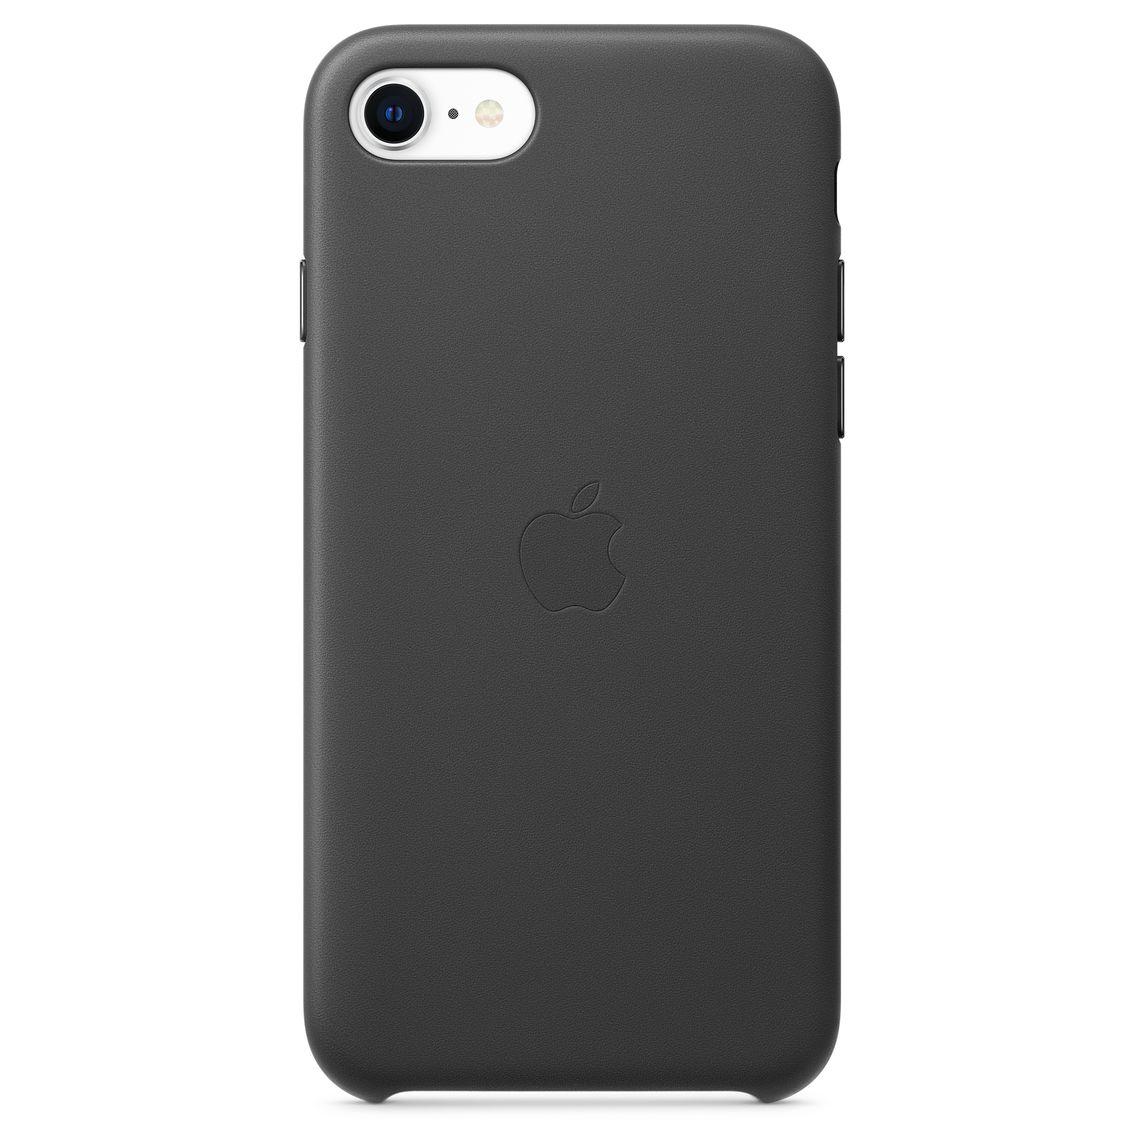 Custodia in pelle per iPhone SE - Nero